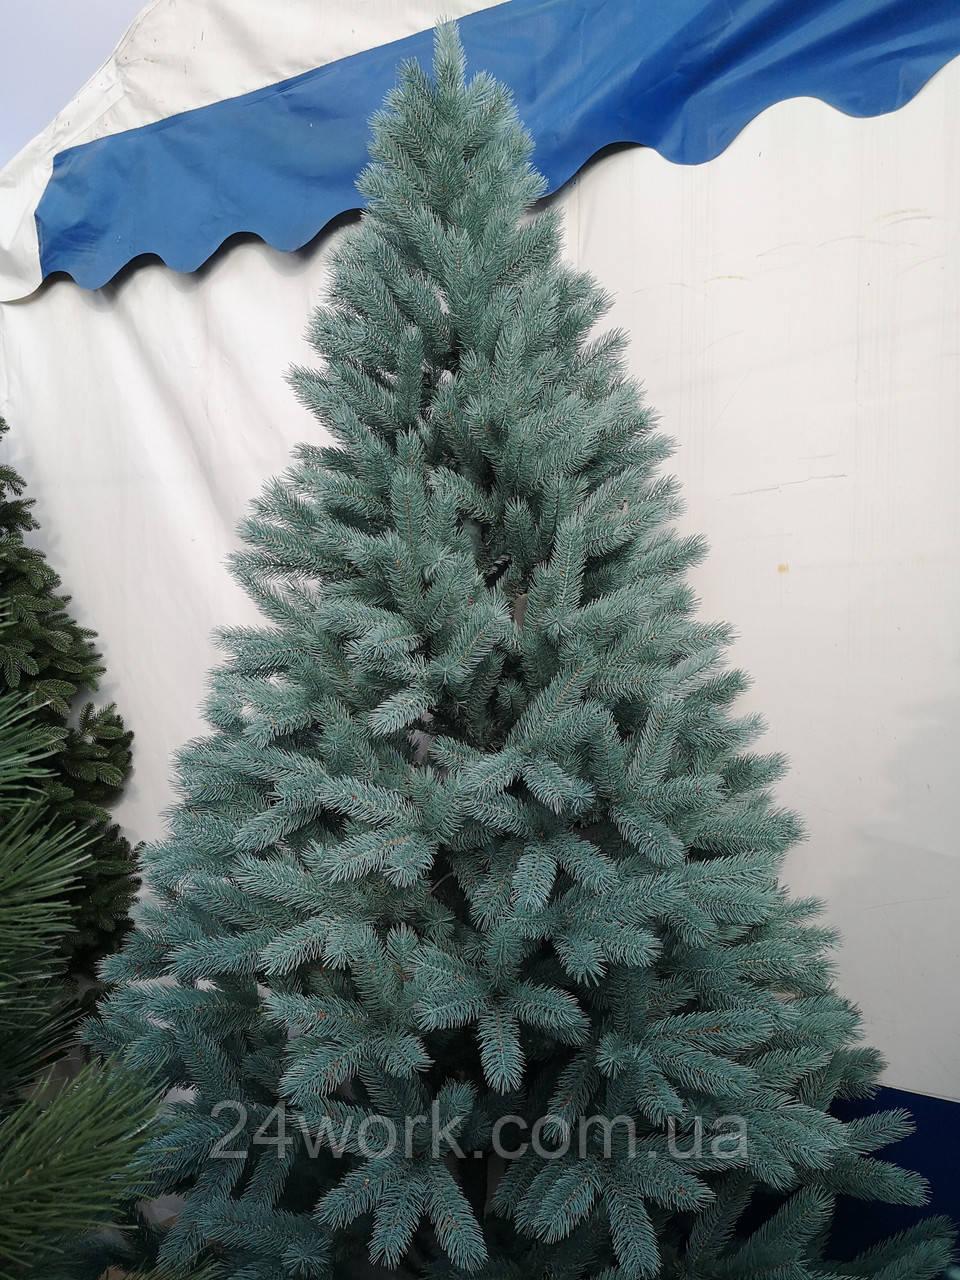 Ель штучне лита блакитна 2.1 м.